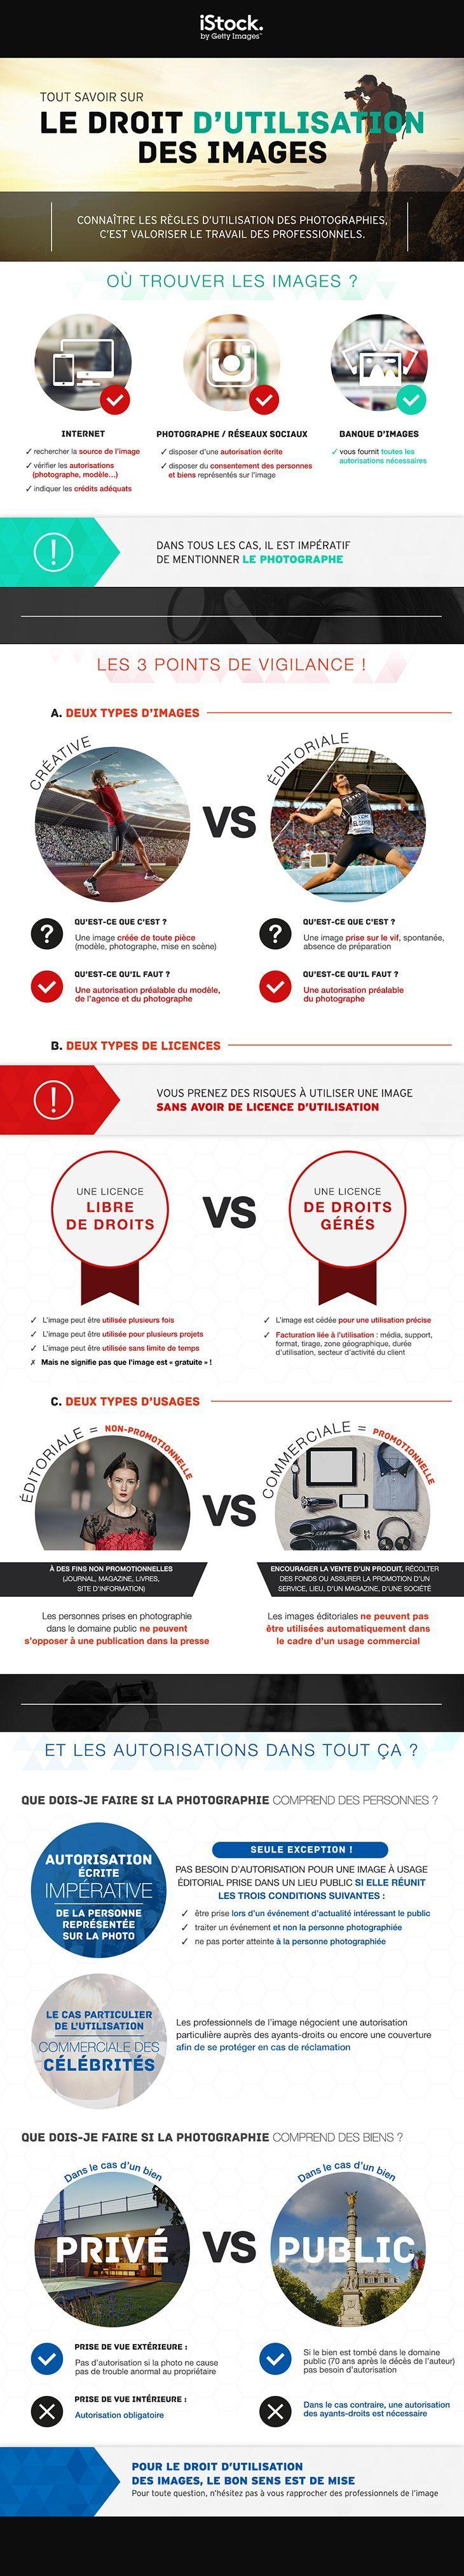 Le droit à l'image en une infographie via @journalducm #infographie